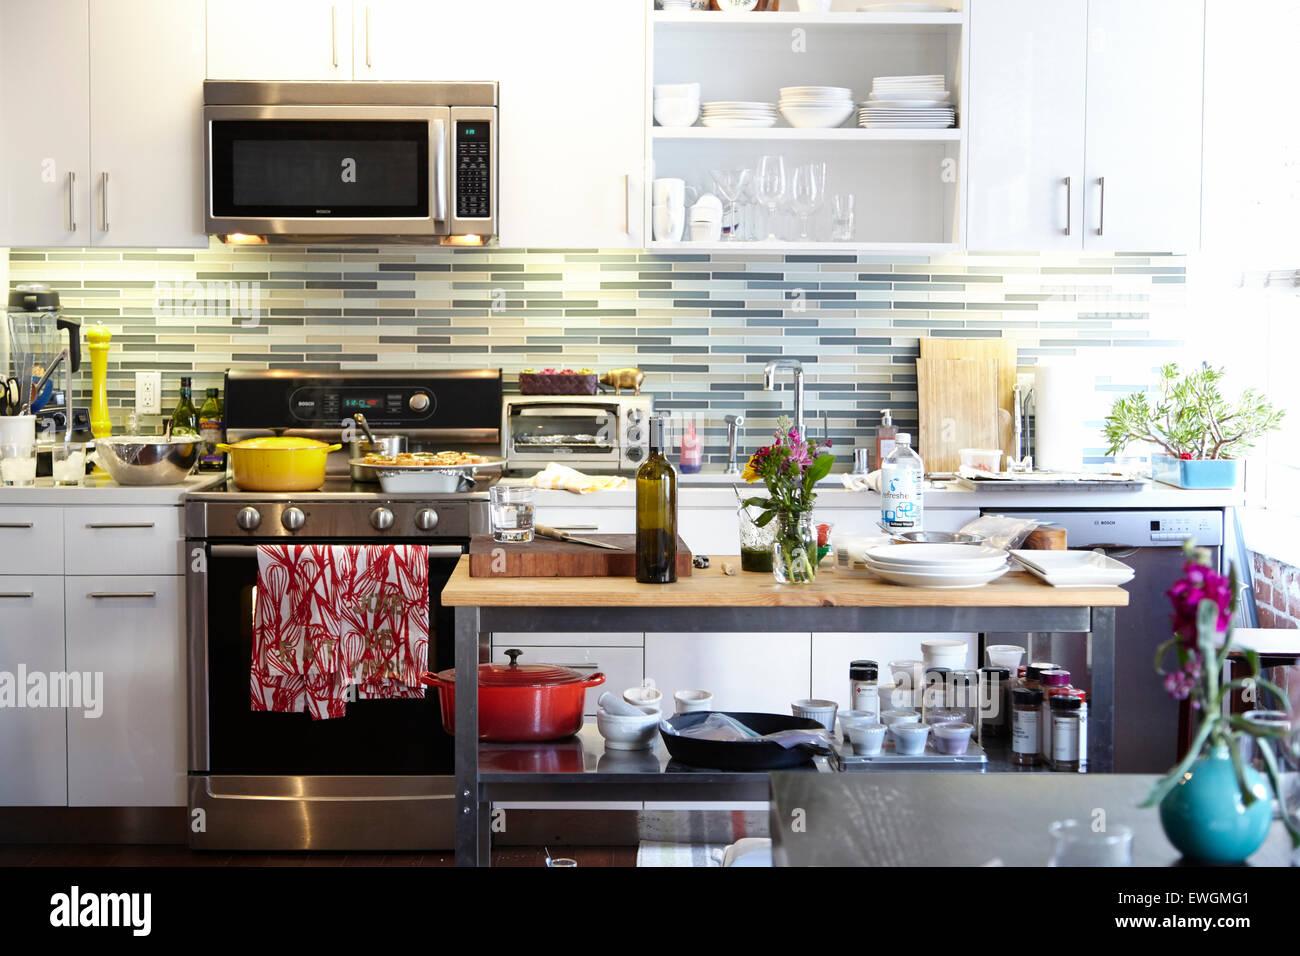 moderne Küche gelben Topf roten Handtuch modernen Geräten weiße Küchenschränke Glas zurück Stockbild